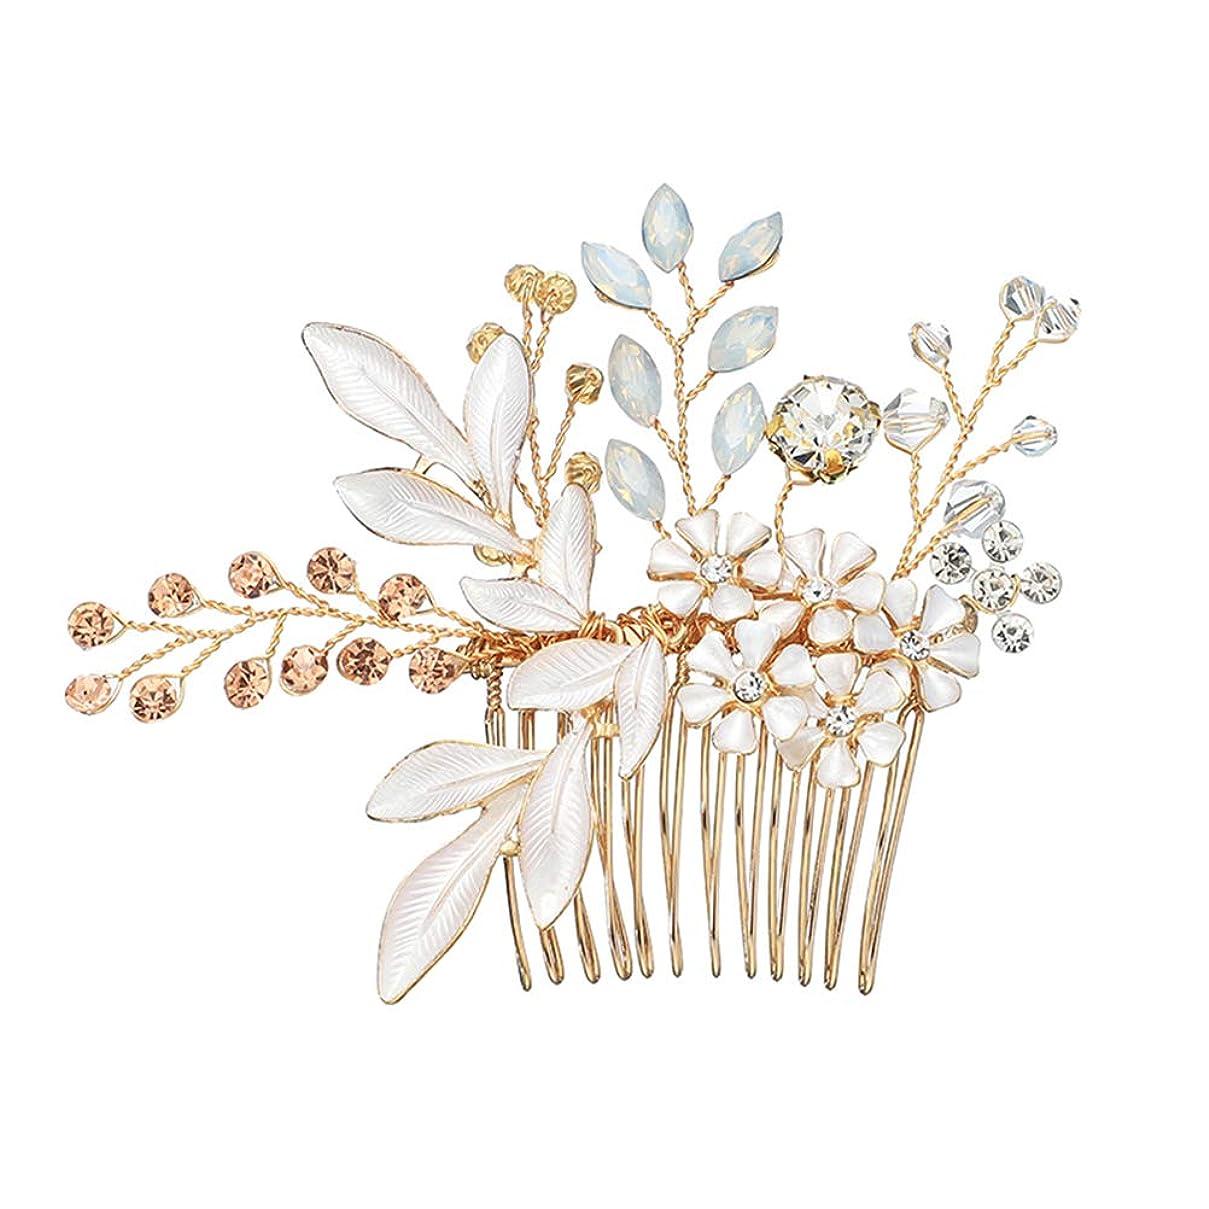 イルひばりグループLURROSE ヨーロピアンスタイルの髪の櫛手作りの花の結晶の頭飾りの葉合金の花嫁のヘアアクセサリーブライドメイドの髪飾り(ゴールデン)